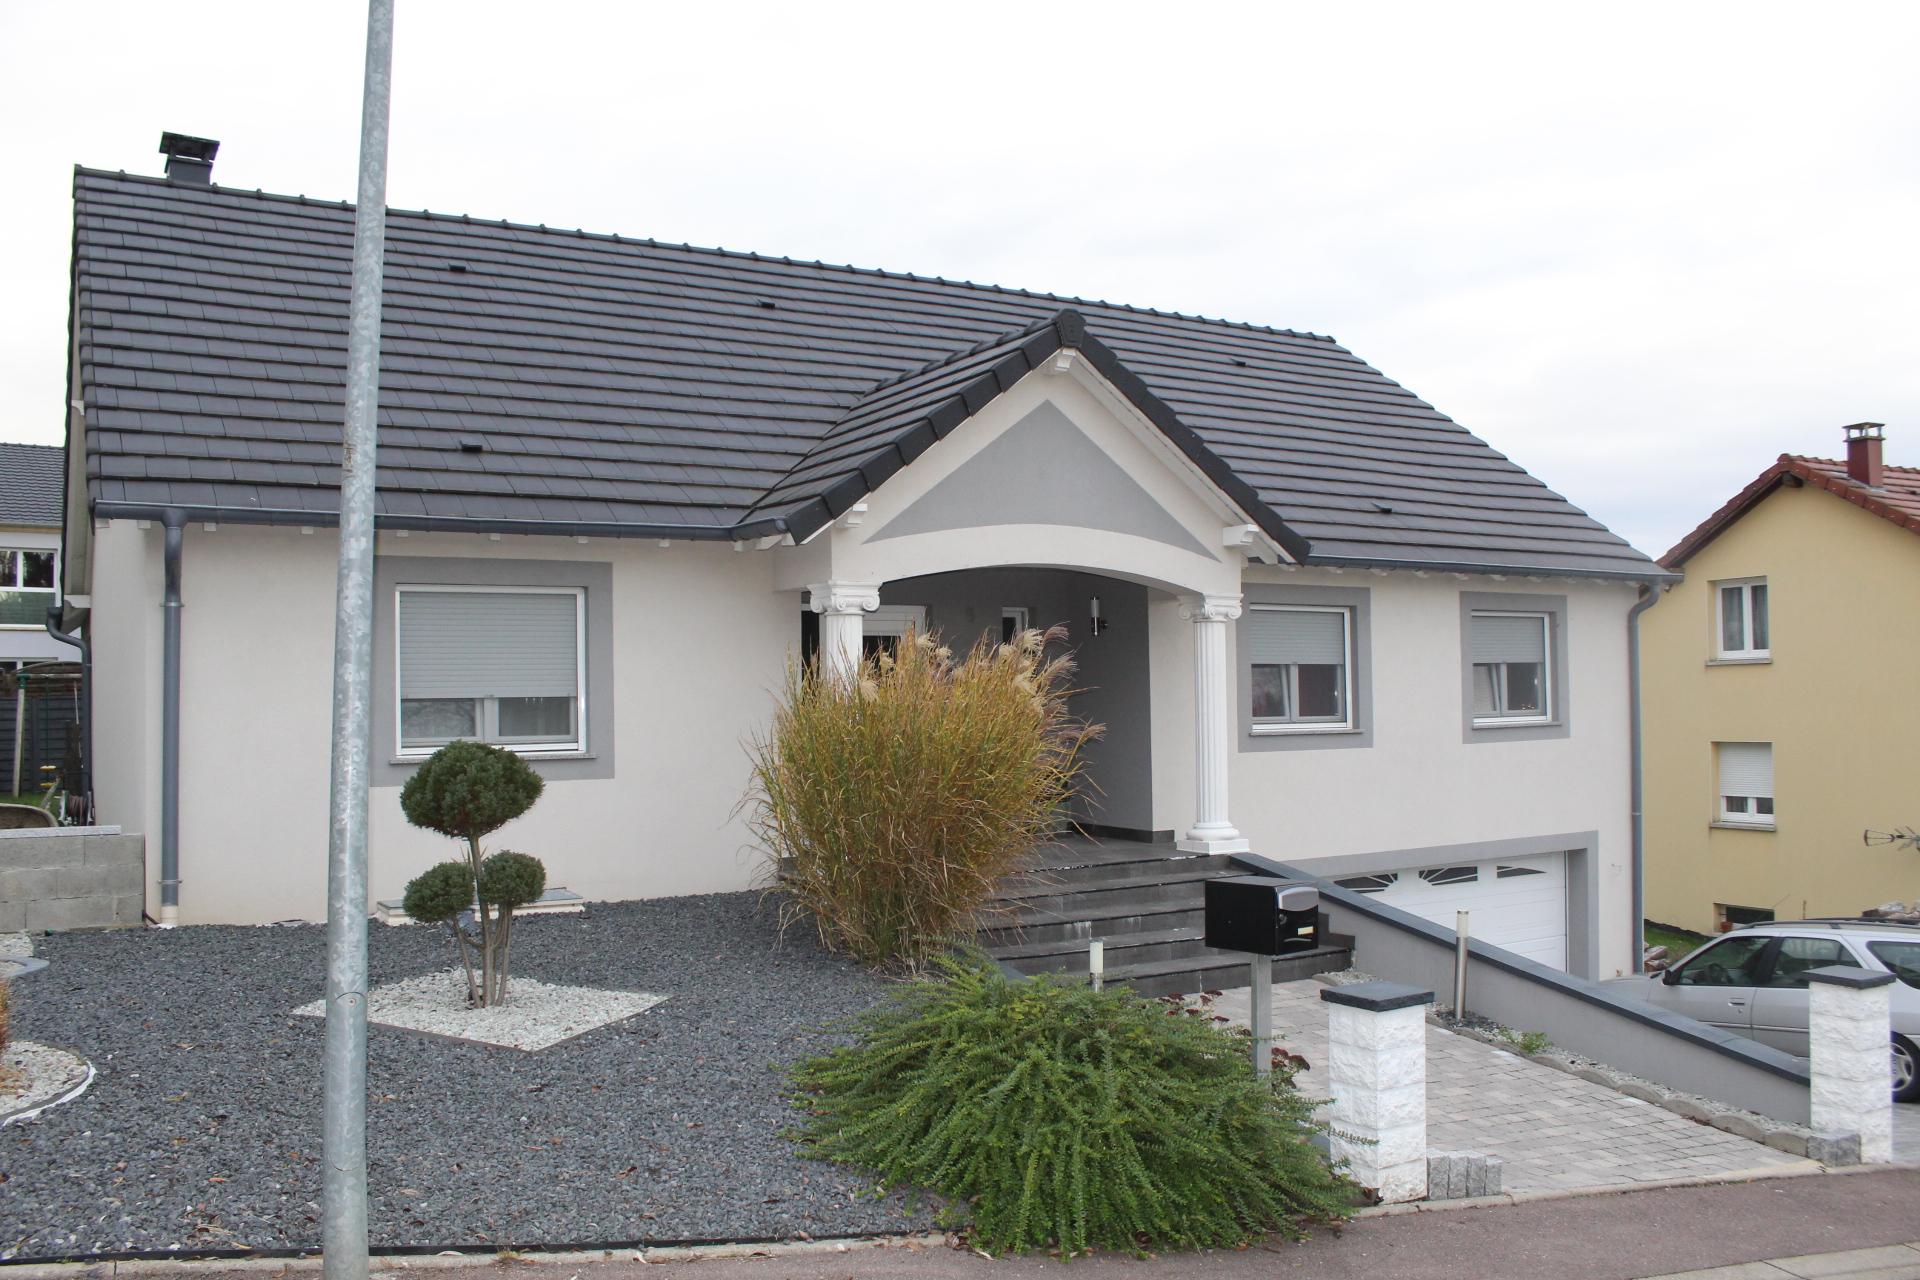 Vente bousbach maison individuelle for Vente maison individuelle rombas